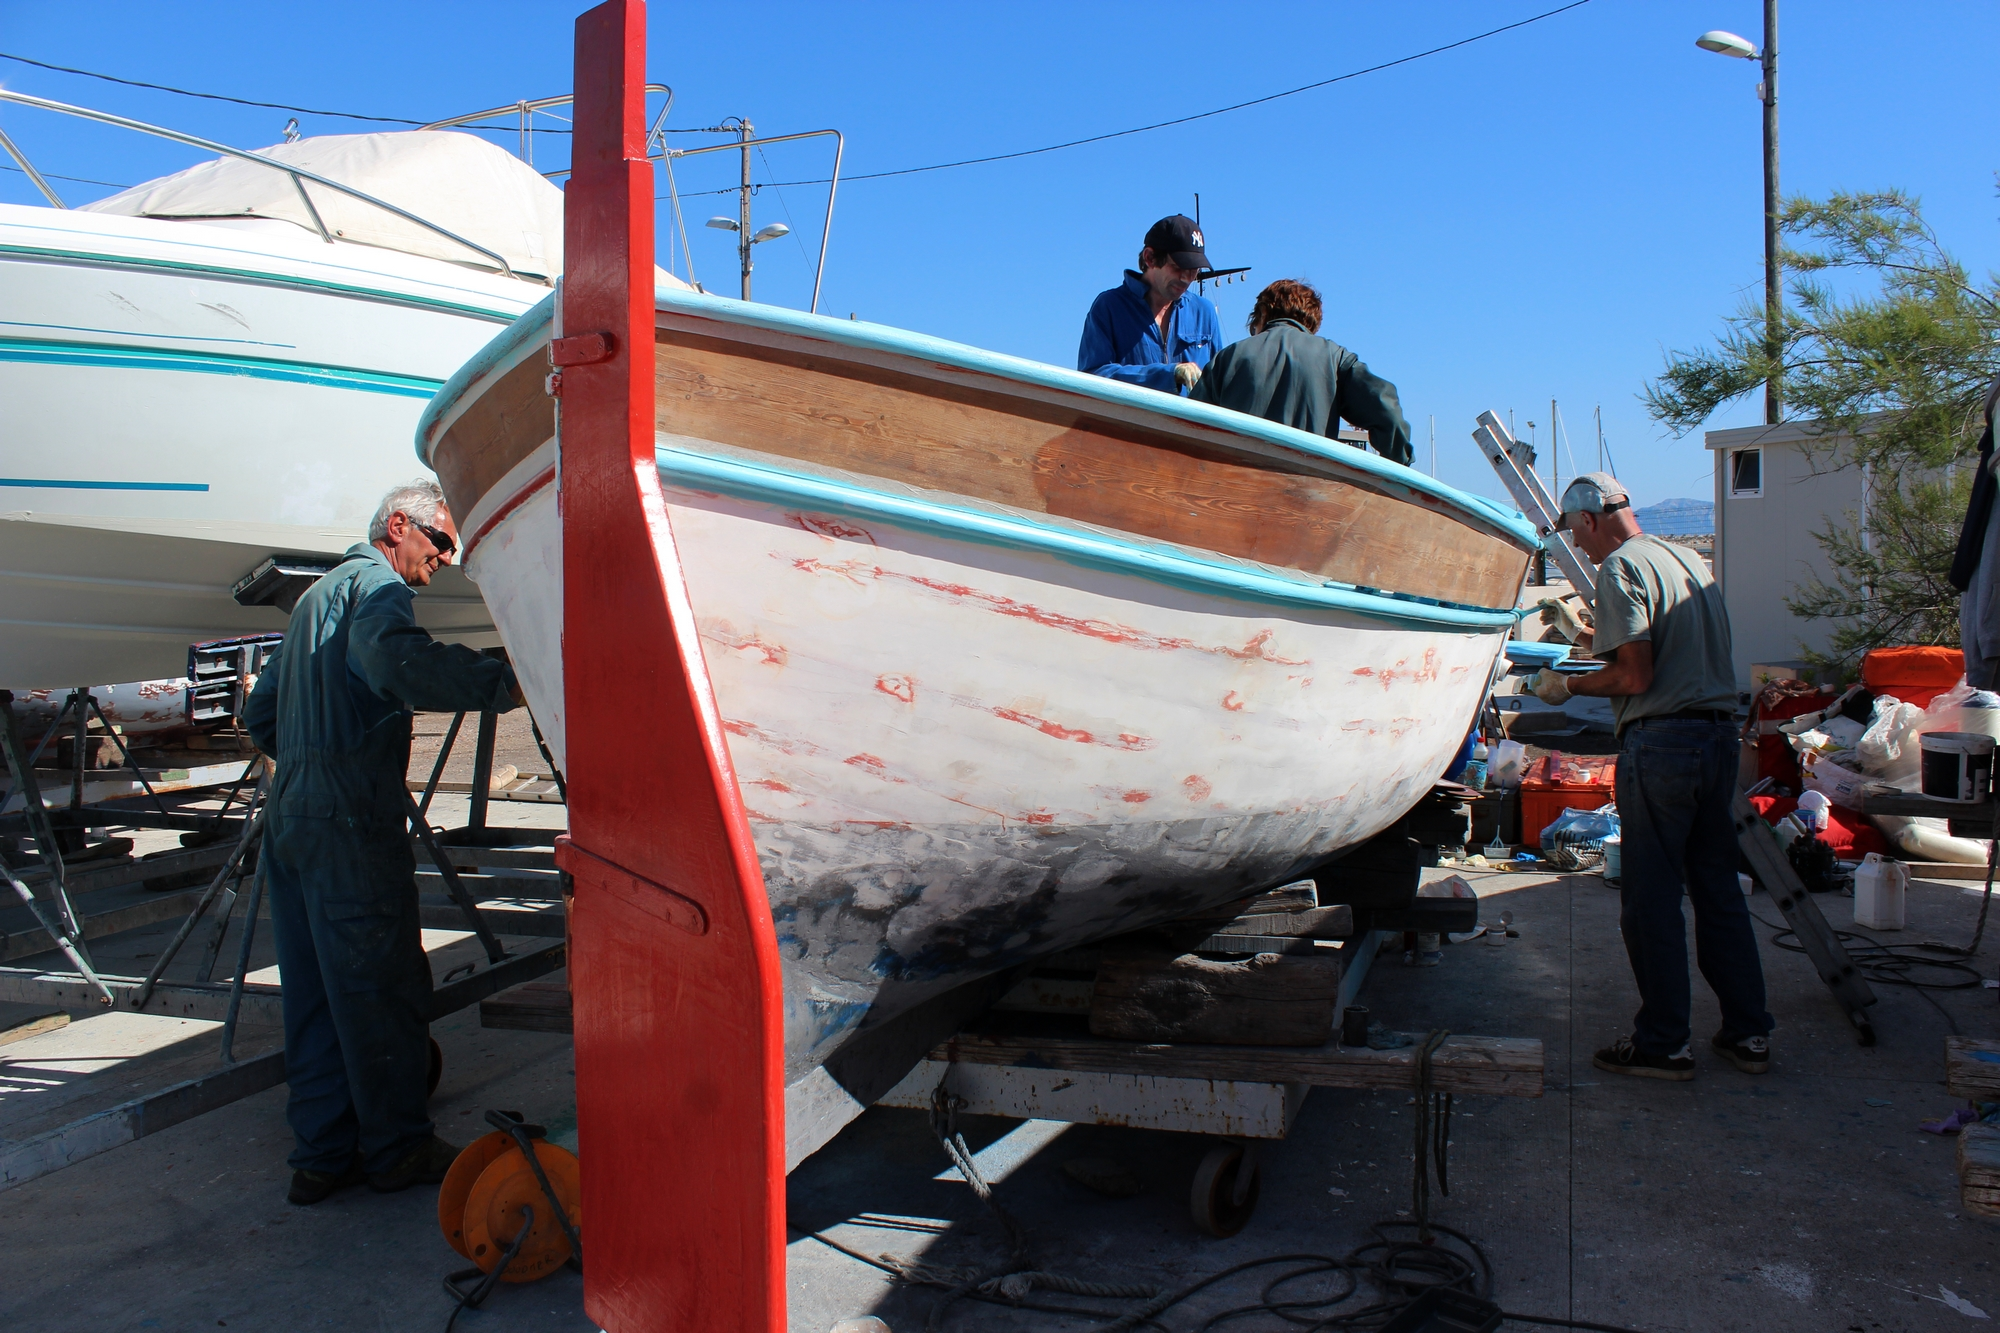 26 bénévoles ont participé au carénage de cette barquette marseillaise. ©AL